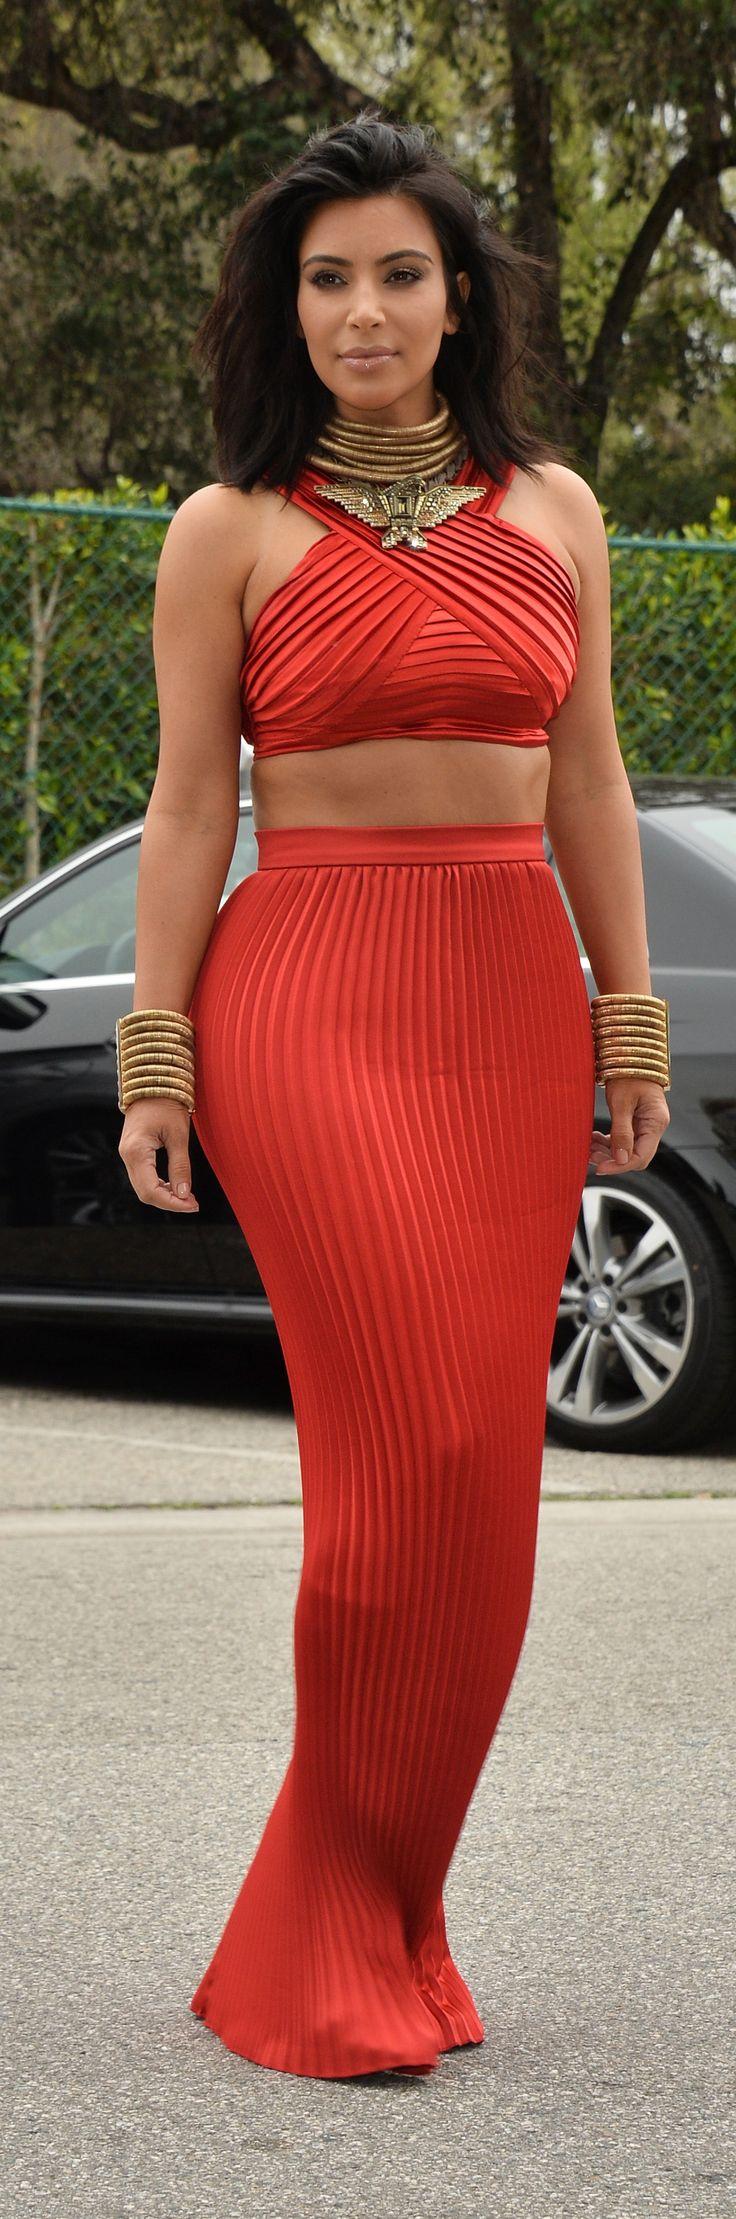 je choisie cette photo de Kim Kardashian car je l'aime bien et ca façon de s'habile